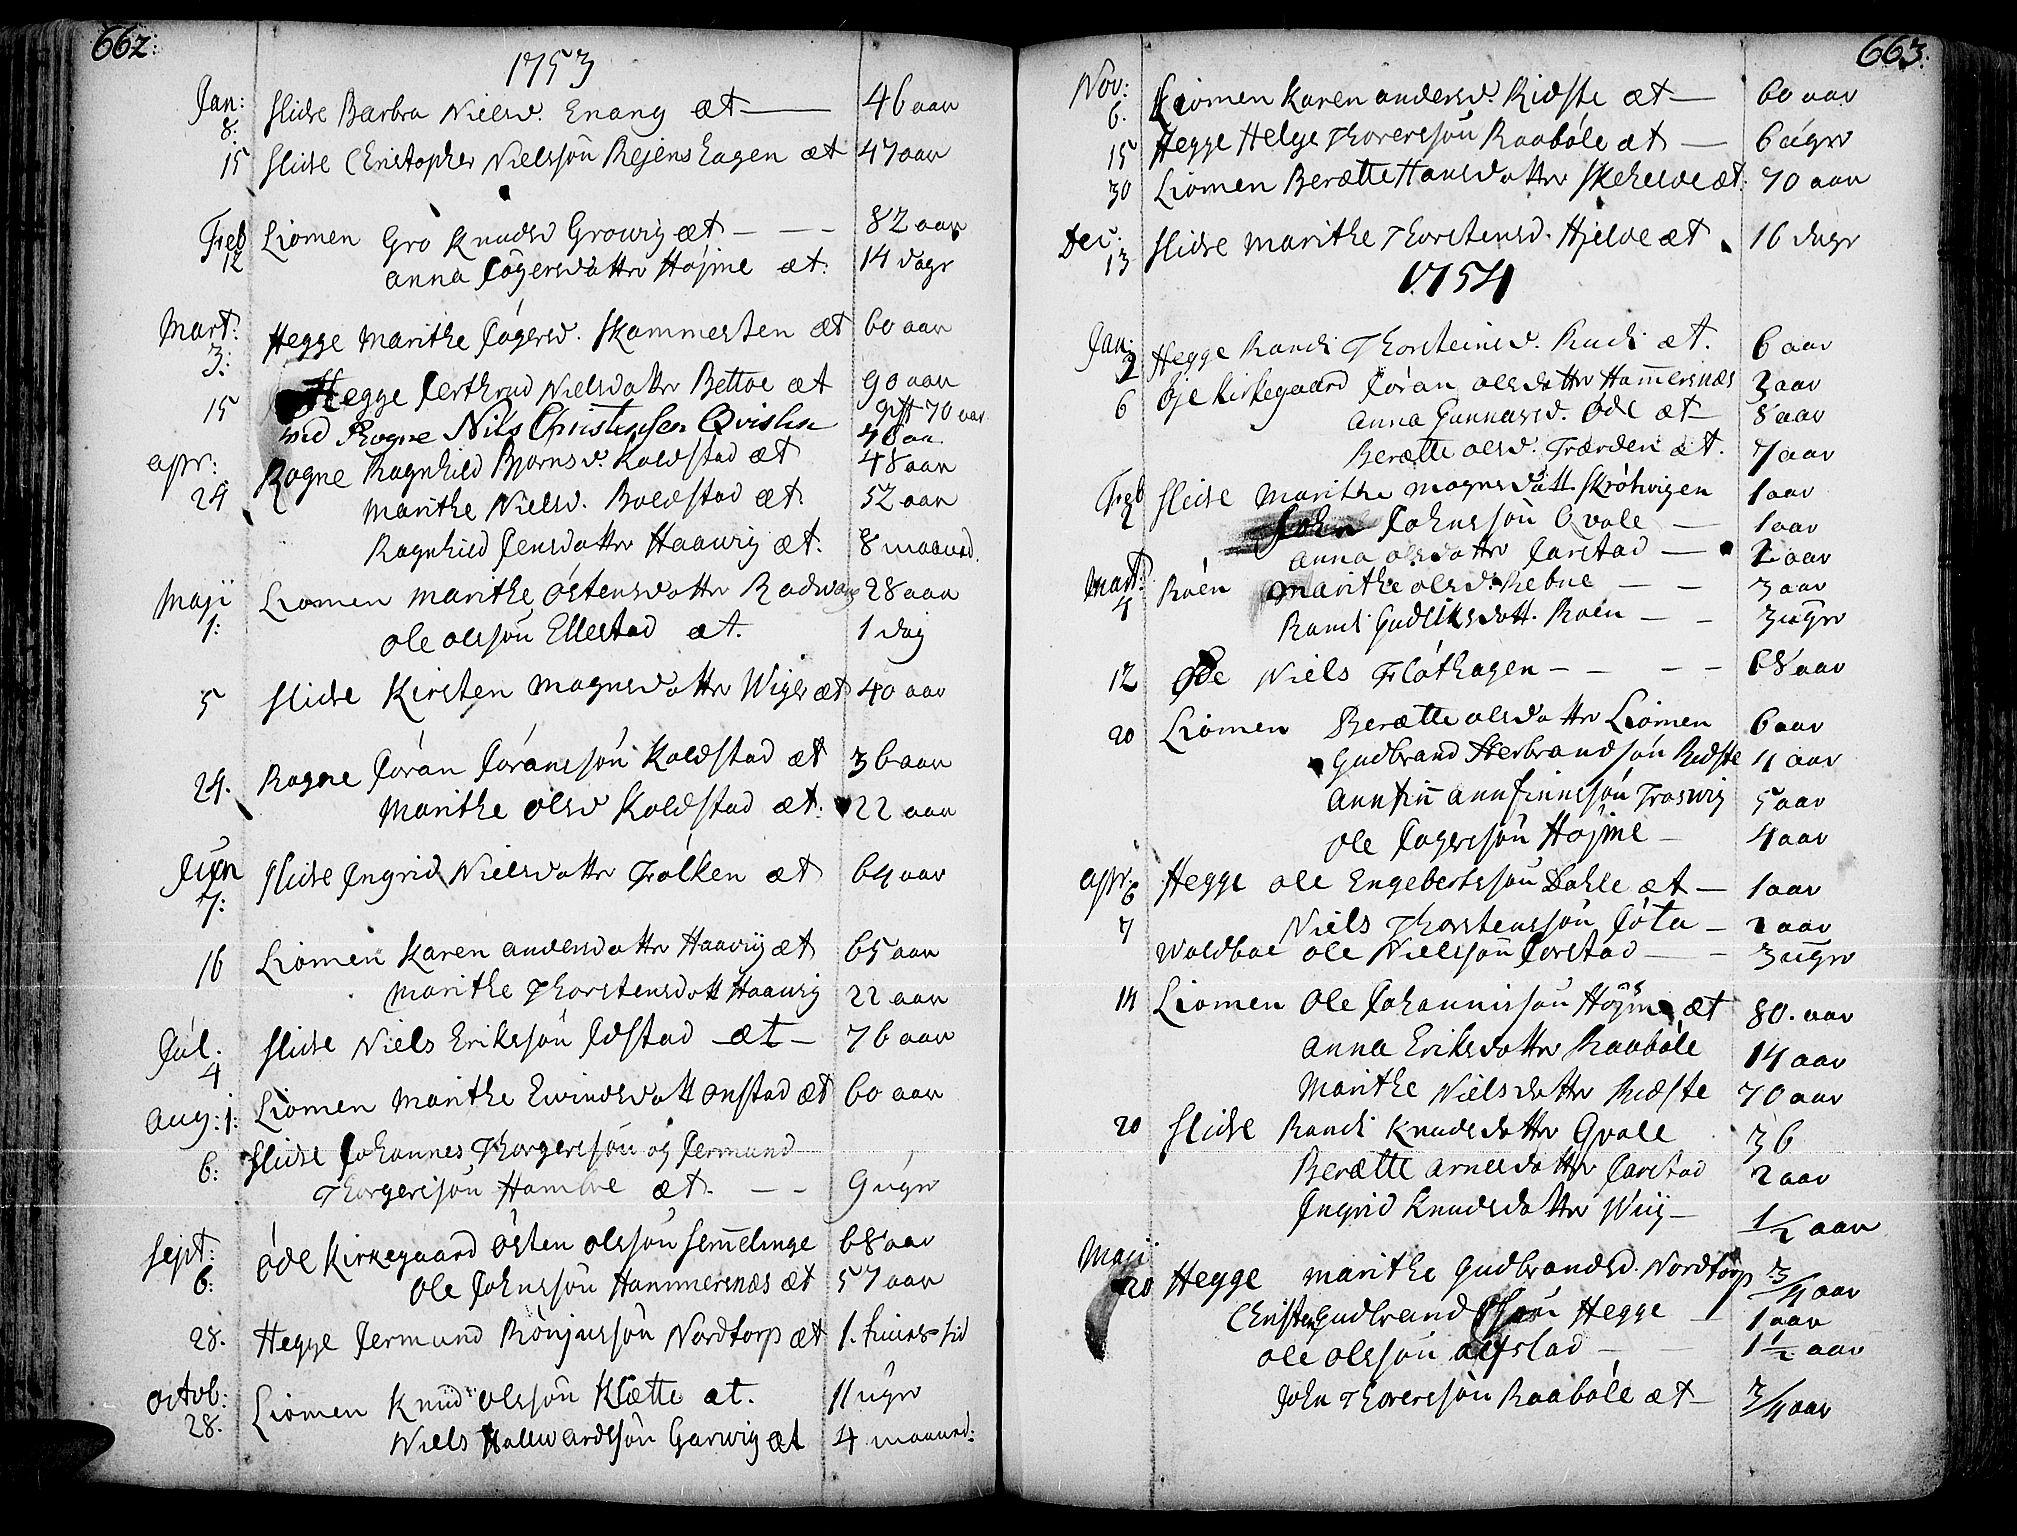 SAH, Slidre prestekontor, Ministerialbok nr. 1, 1724-1814, s. 662-663